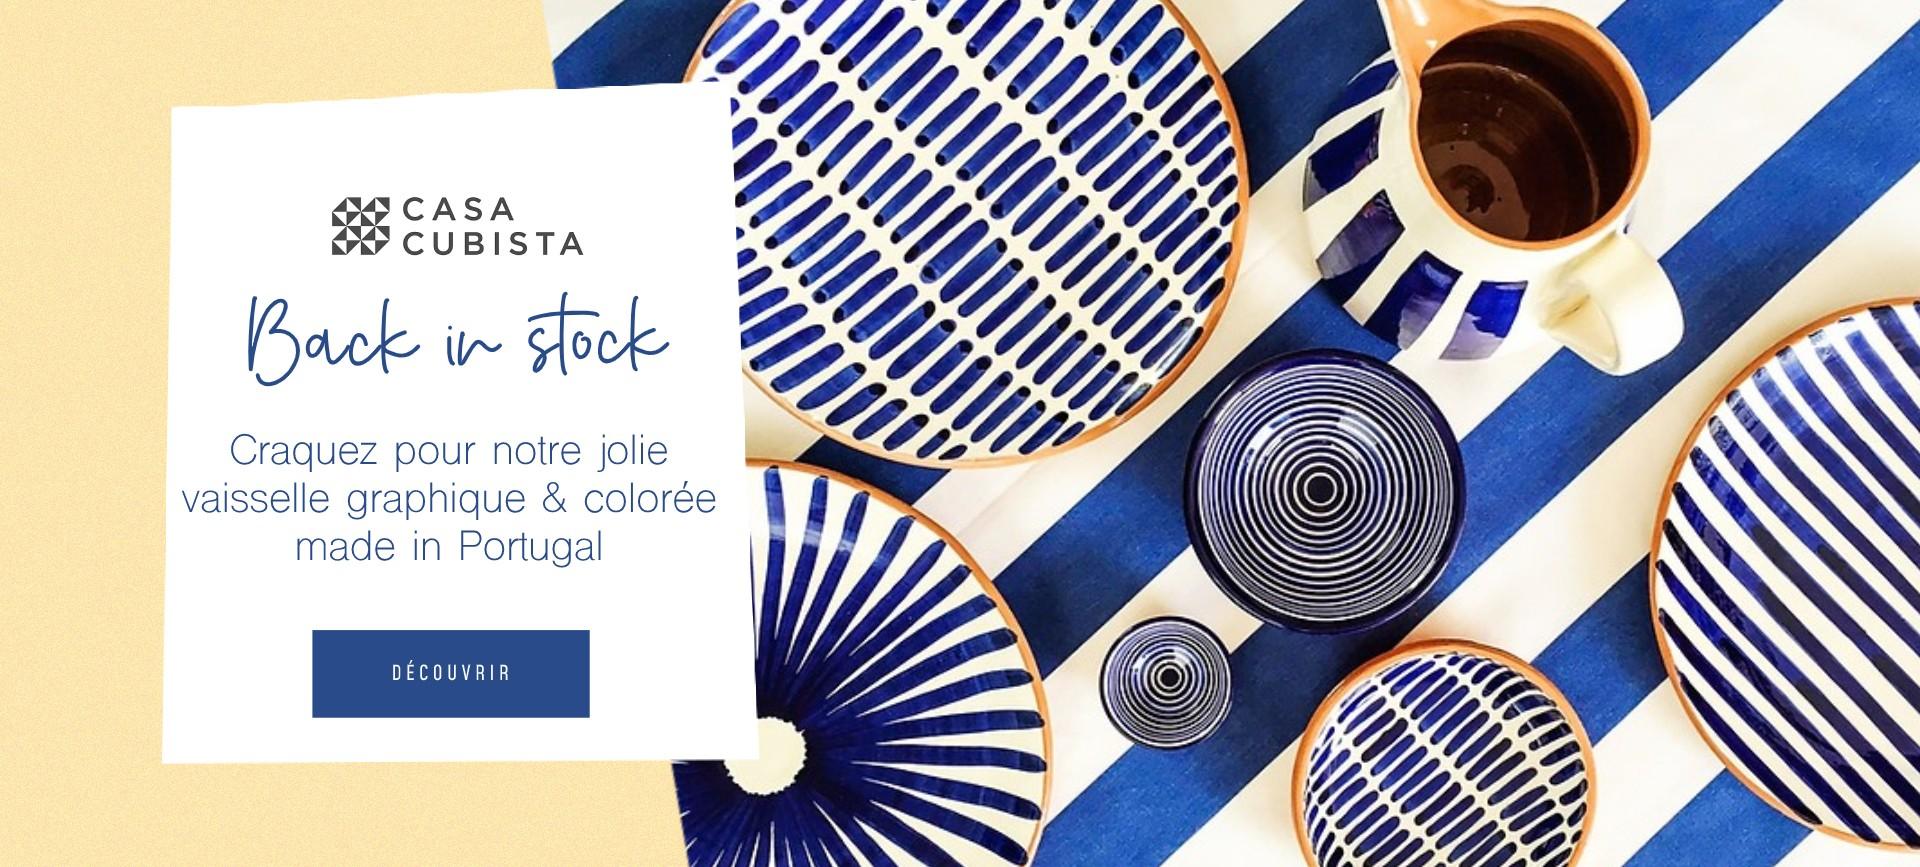 Craquez pour notre jolie vaisselle graphique & colorée made in Portugal